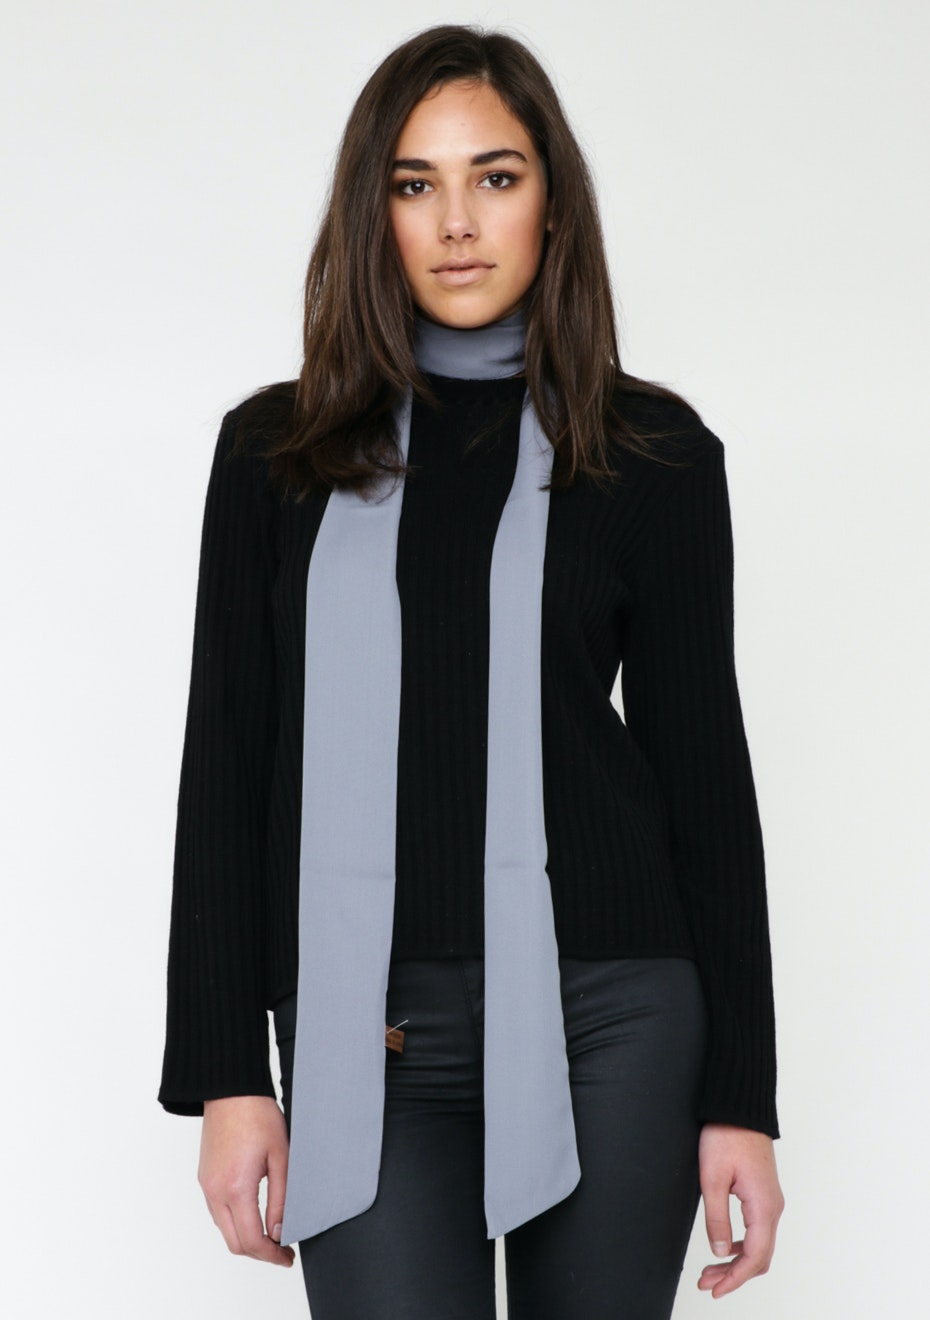 Skinny Tie Scarf - Grey